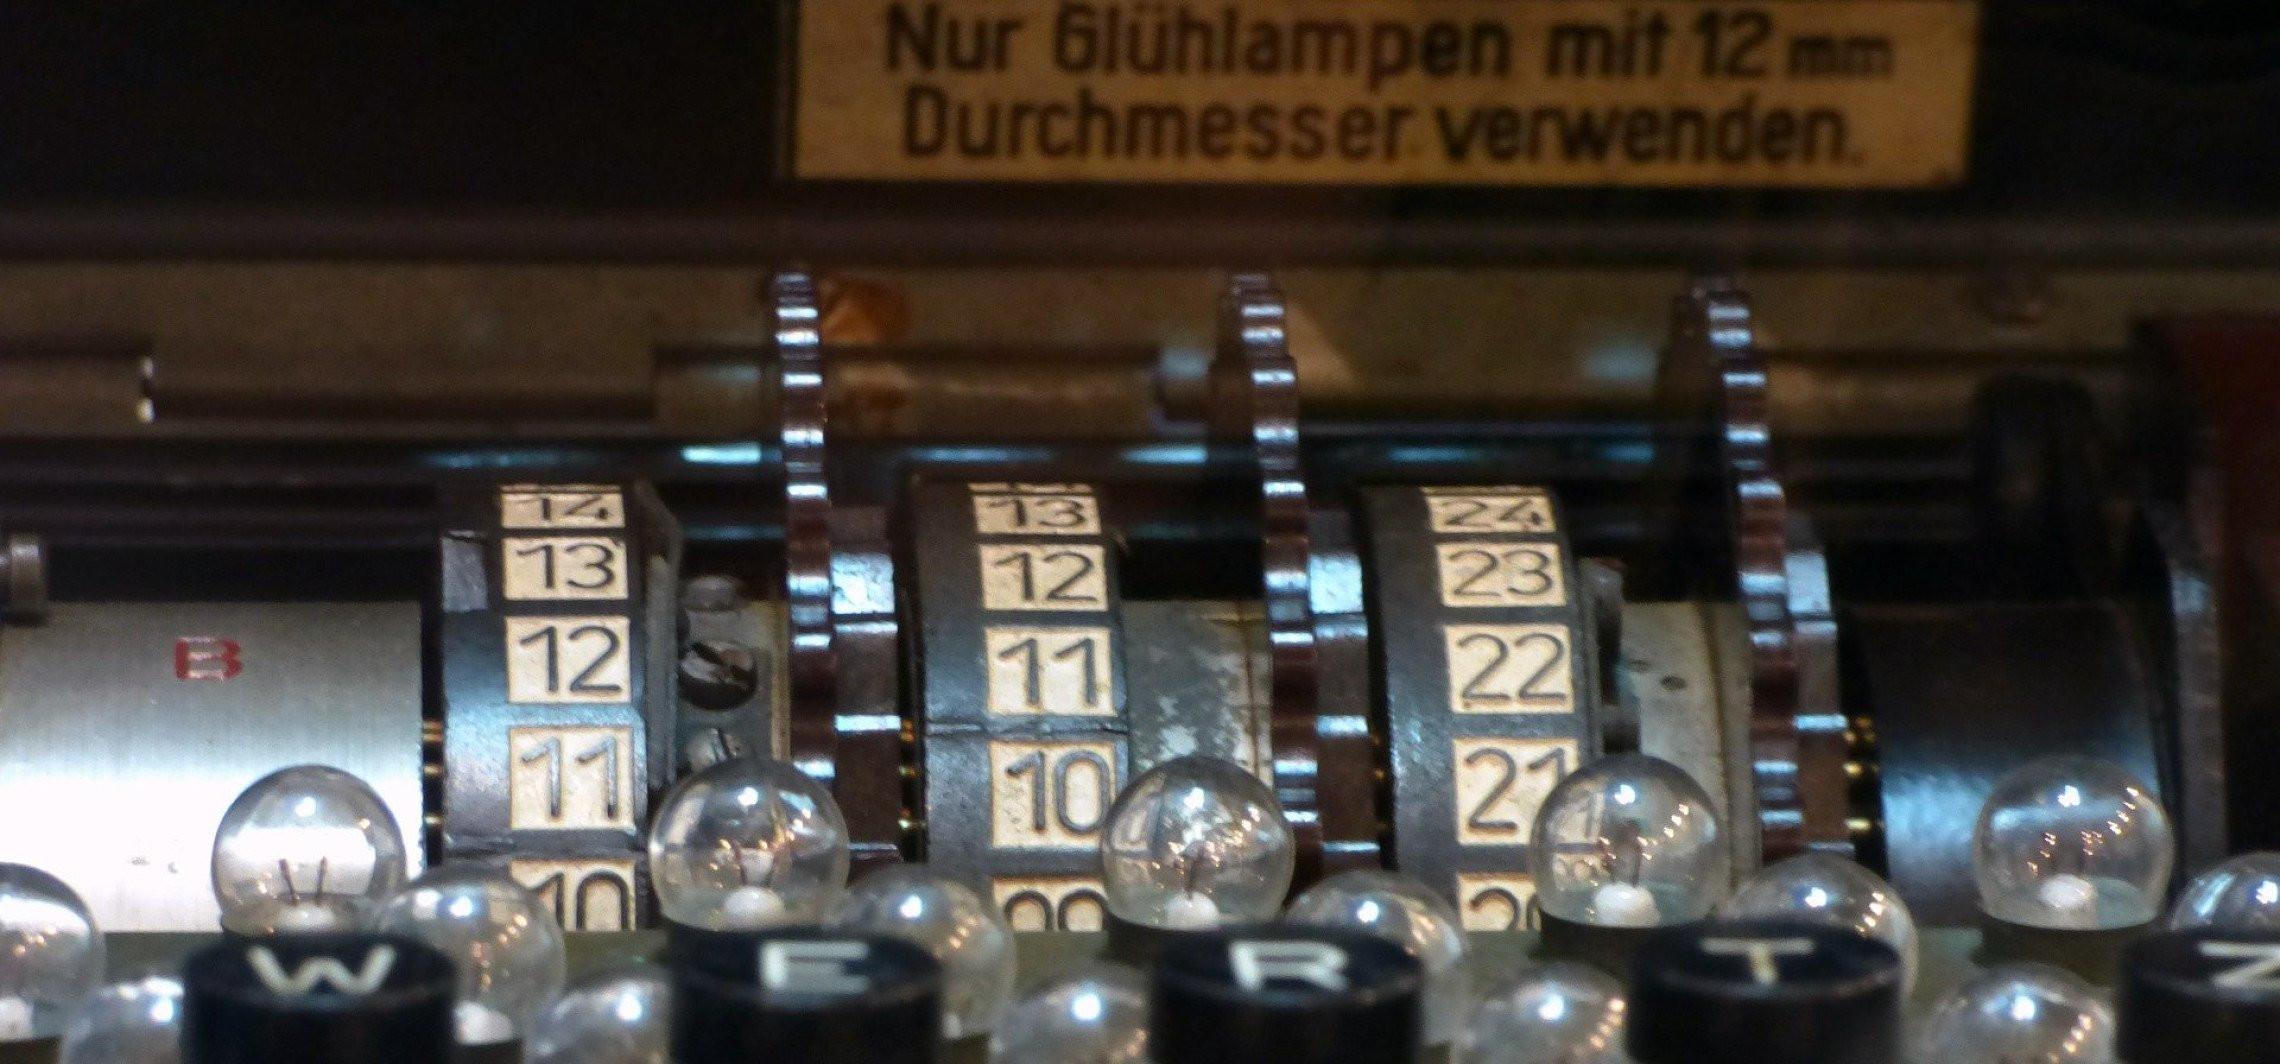 Niemieccy nurkowie wyłowili z Bałtyku maszynę szyfrującą Enigma